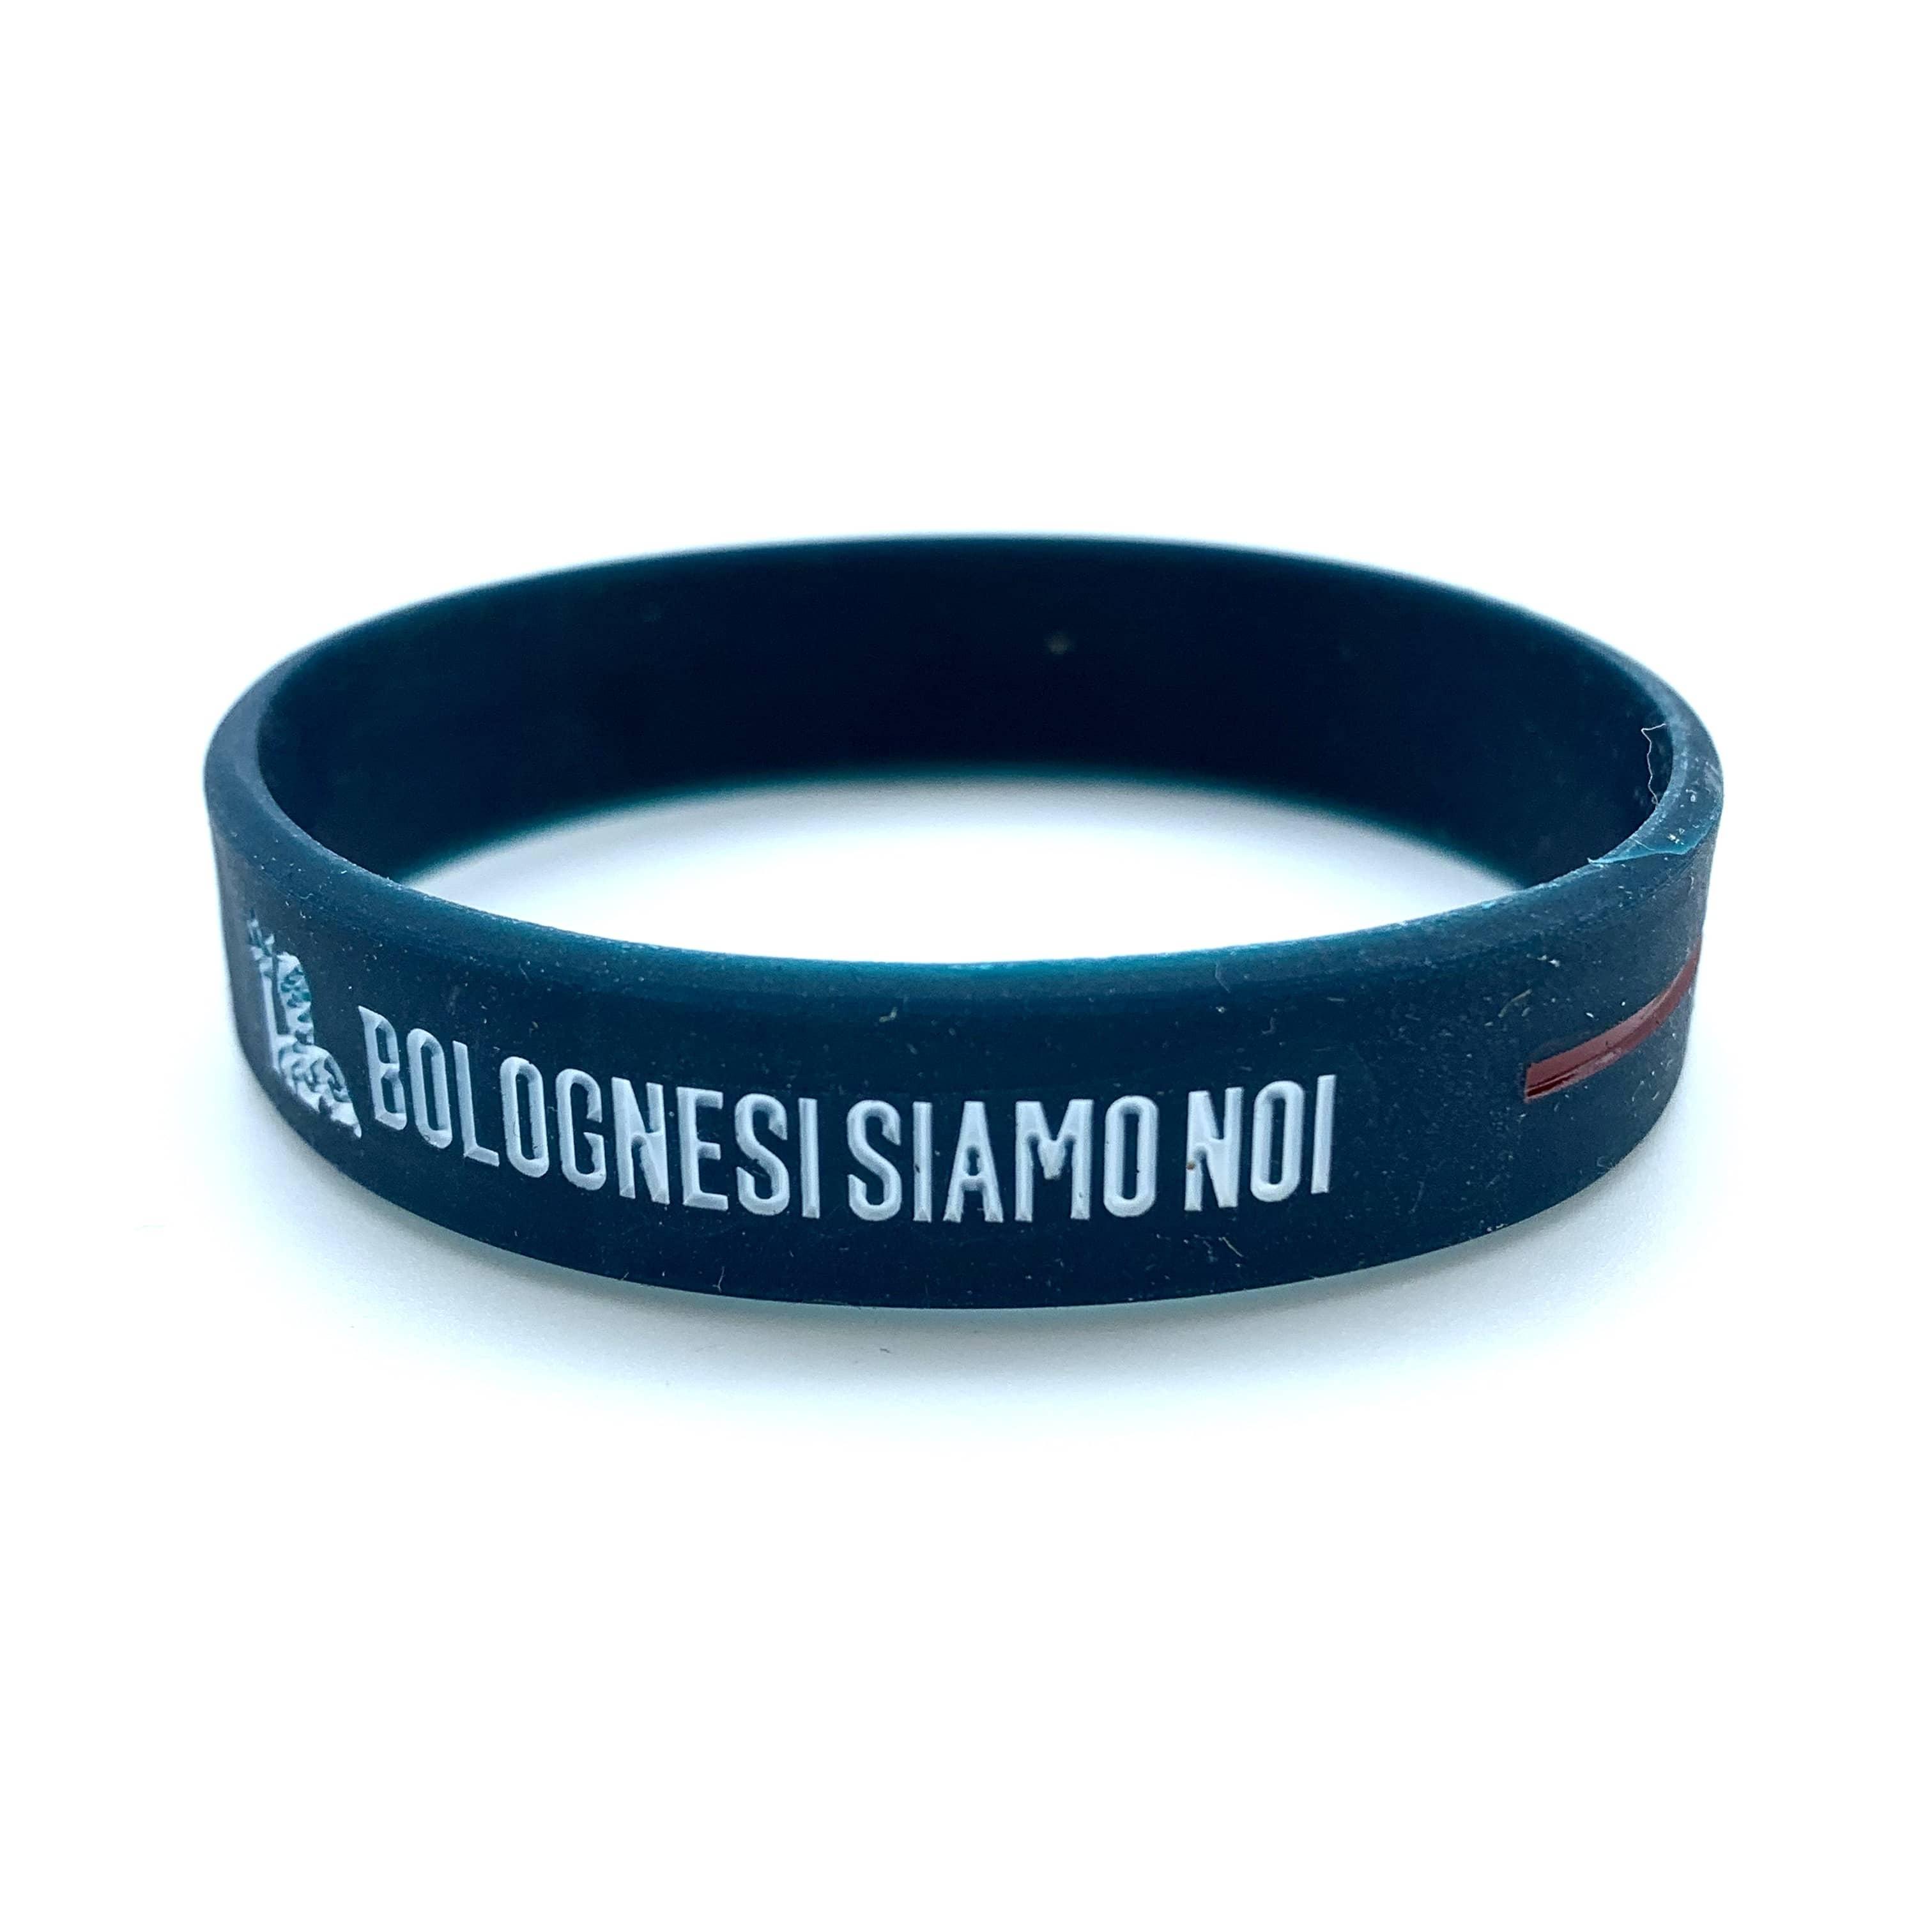 Bologna Fc BRACCIALETTO BOLOGNESI SIAMO NOI Adulto